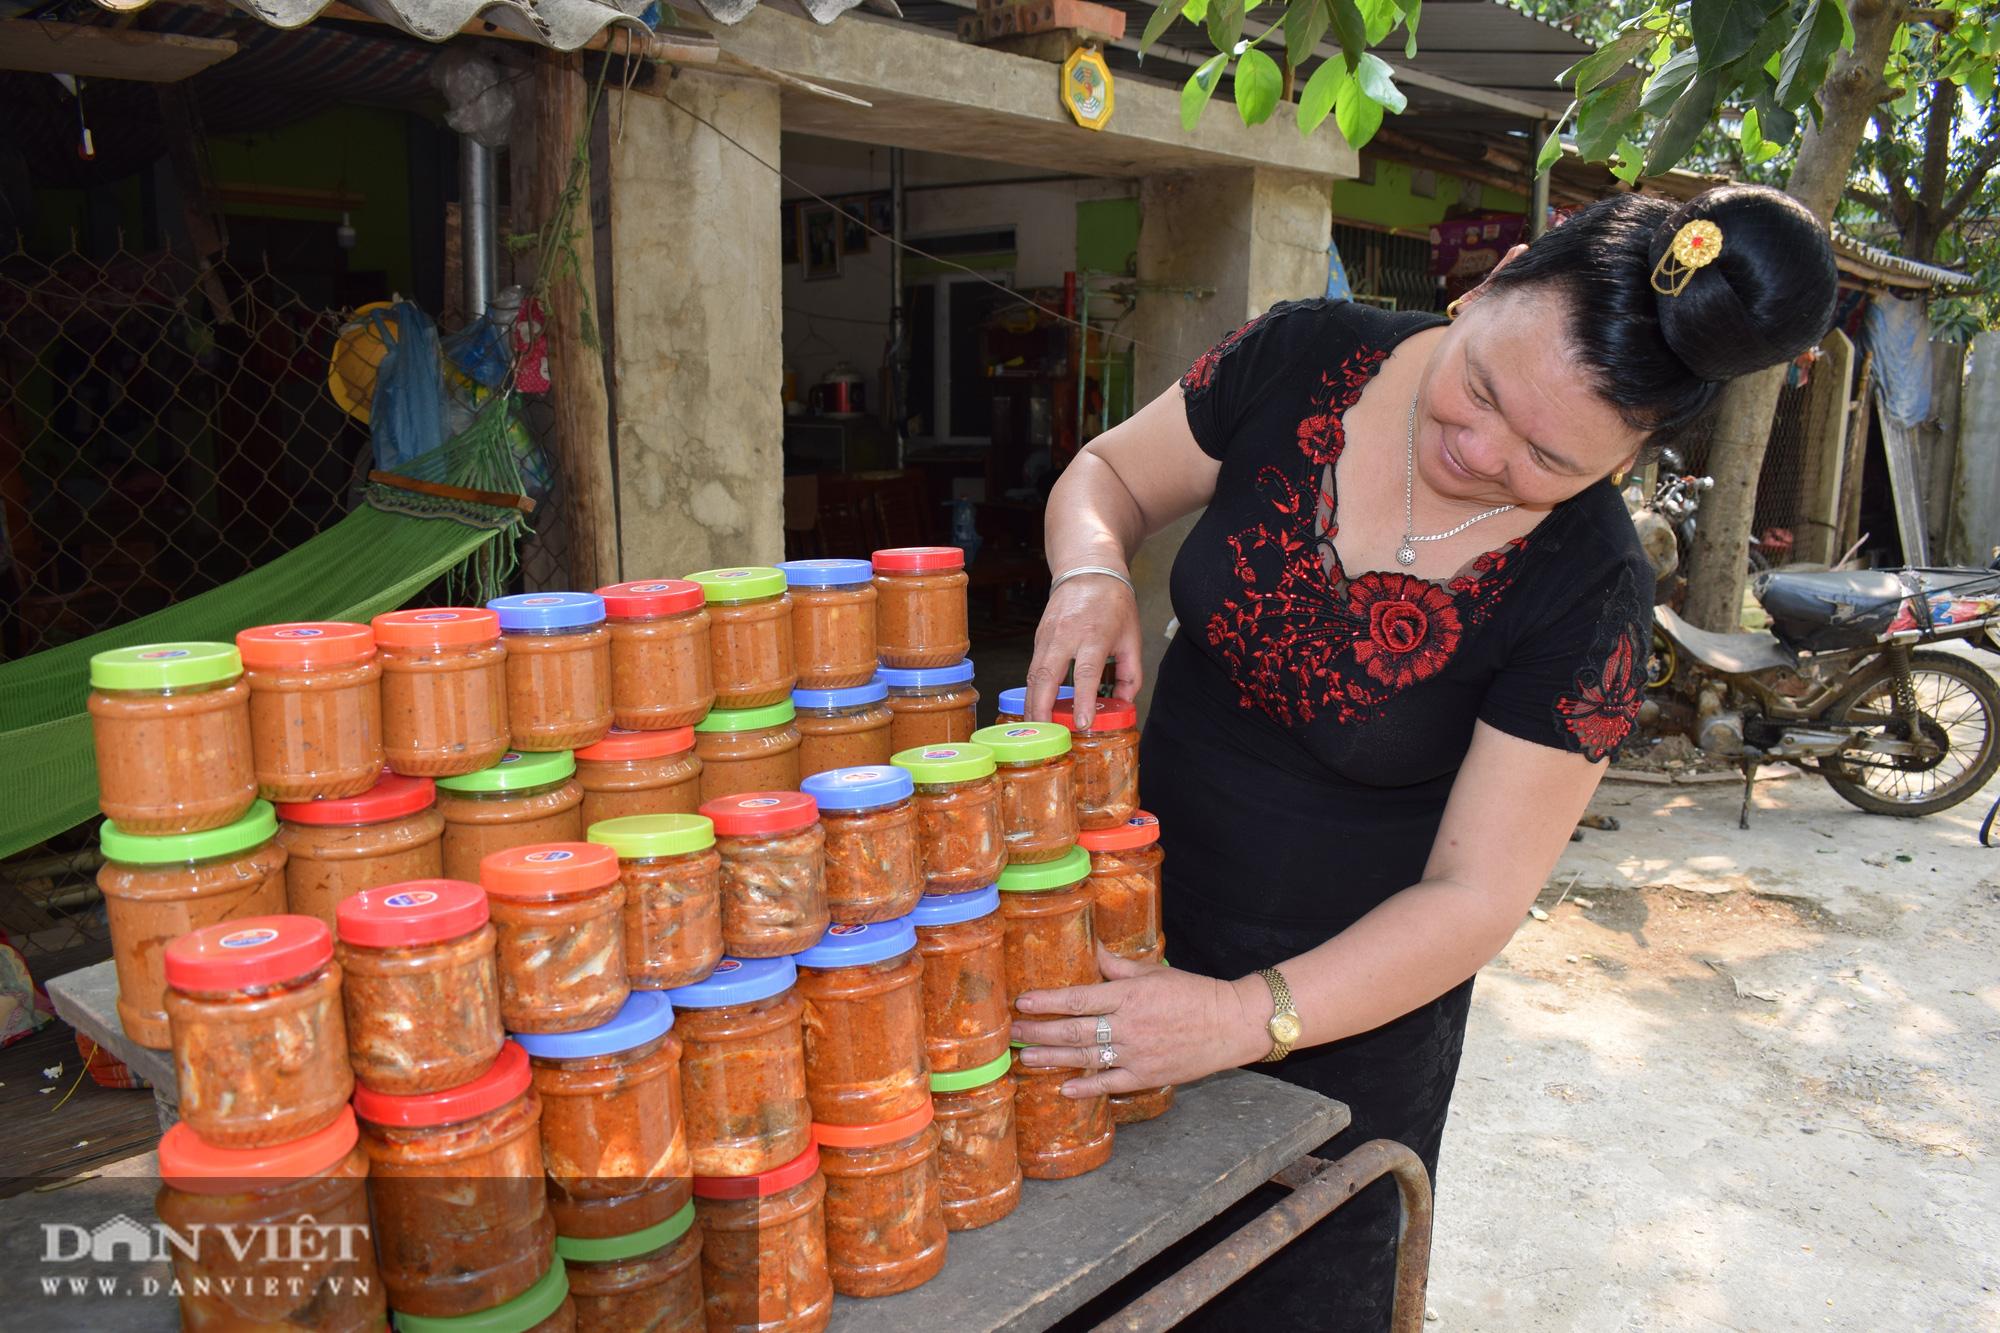 Cá chua Tạ Bú, món ngon của người Thái khiến thực khách ăn vào nhớ mãi - Ảnh 4.